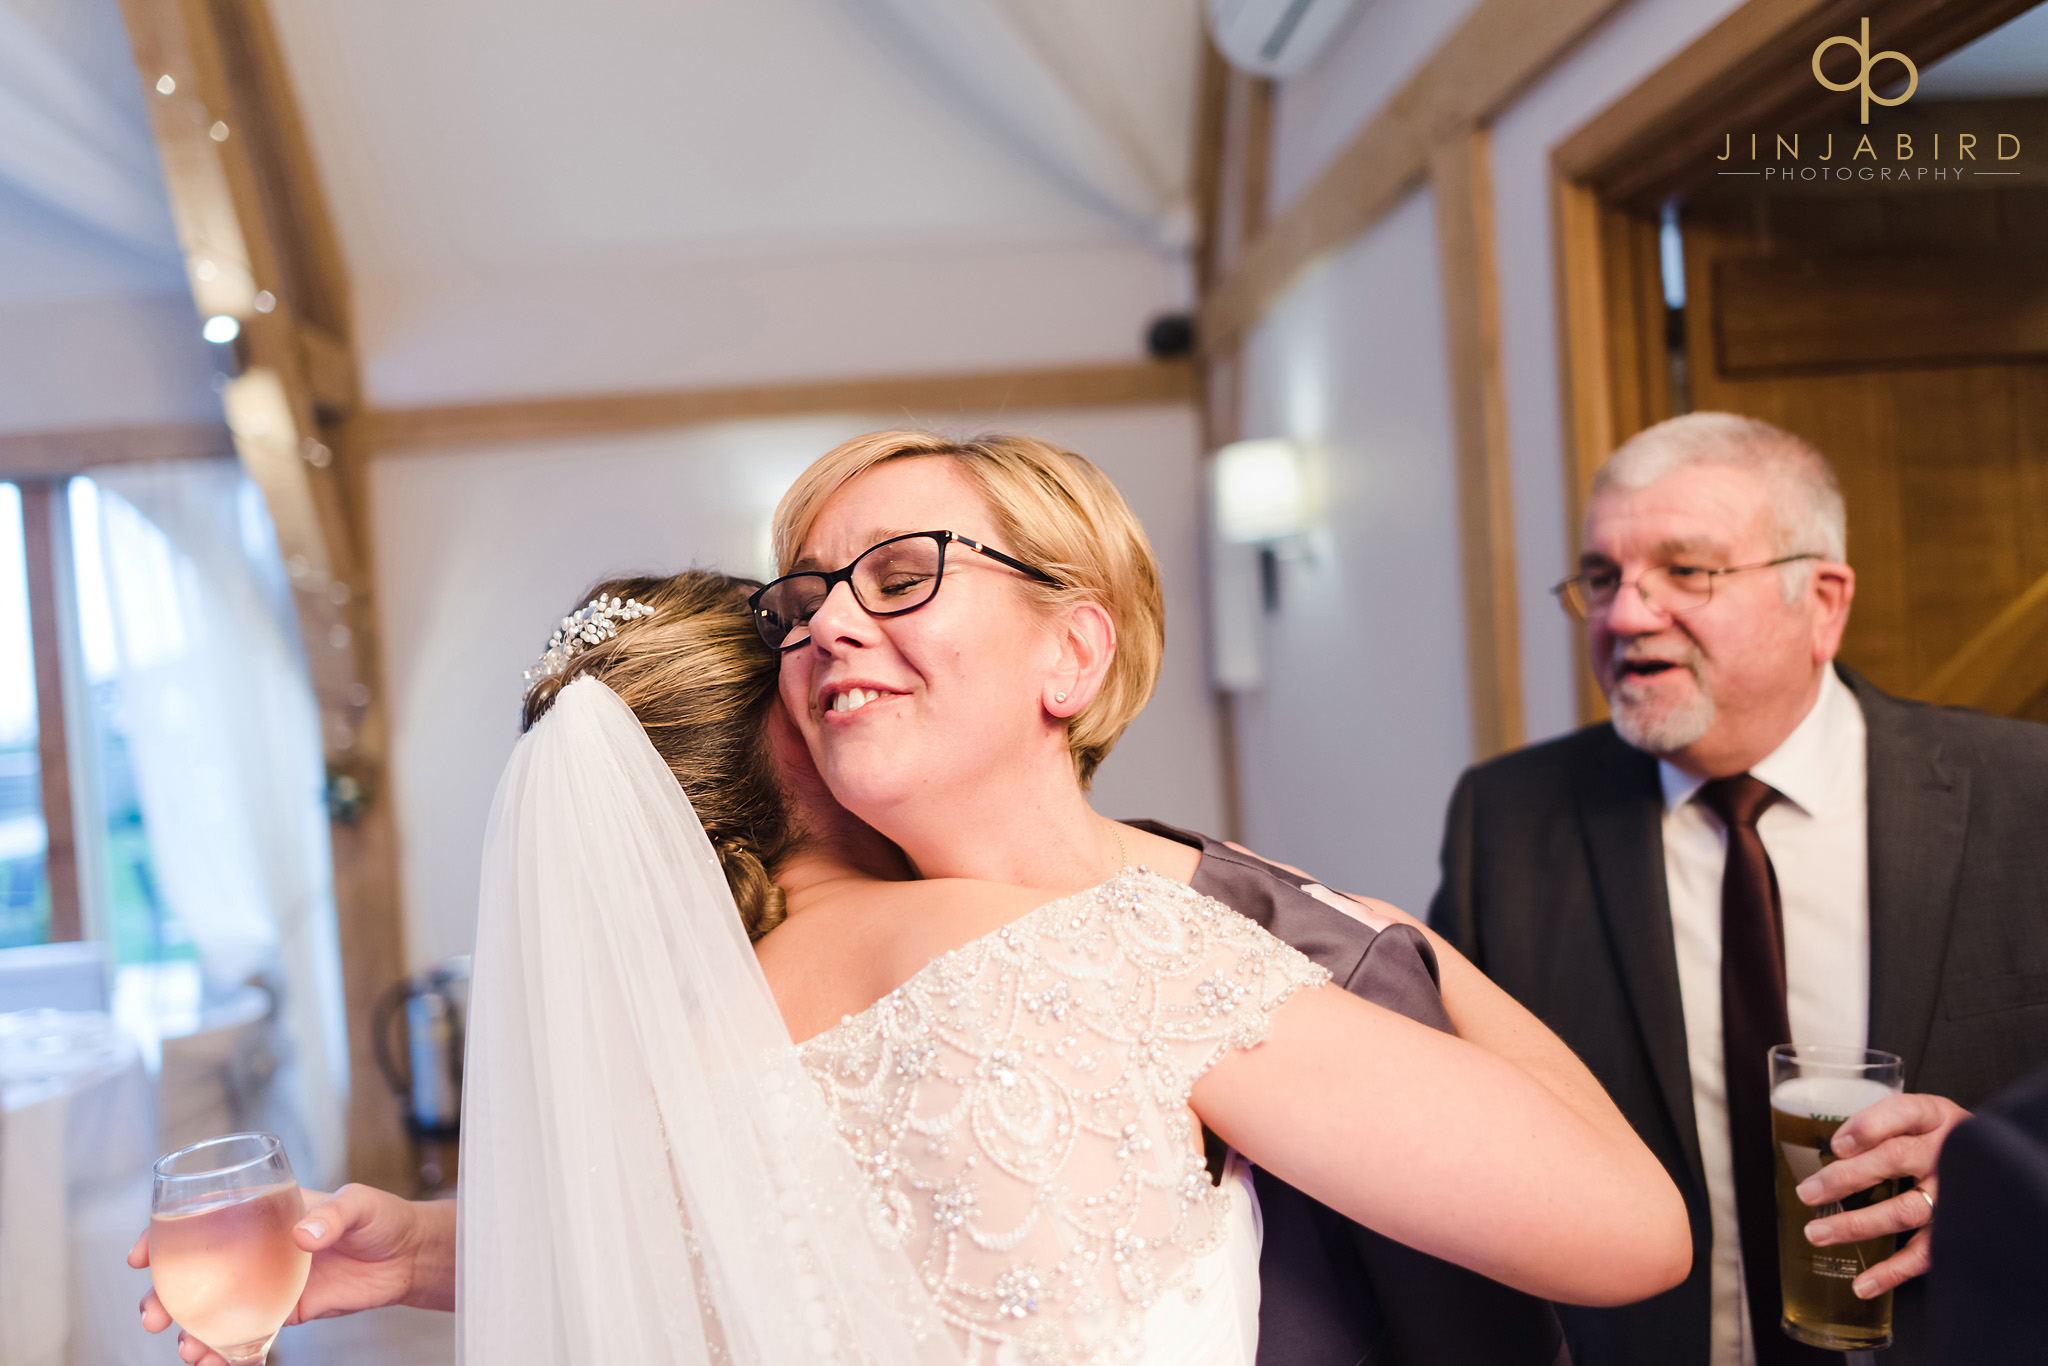 wedding guest in receiving line